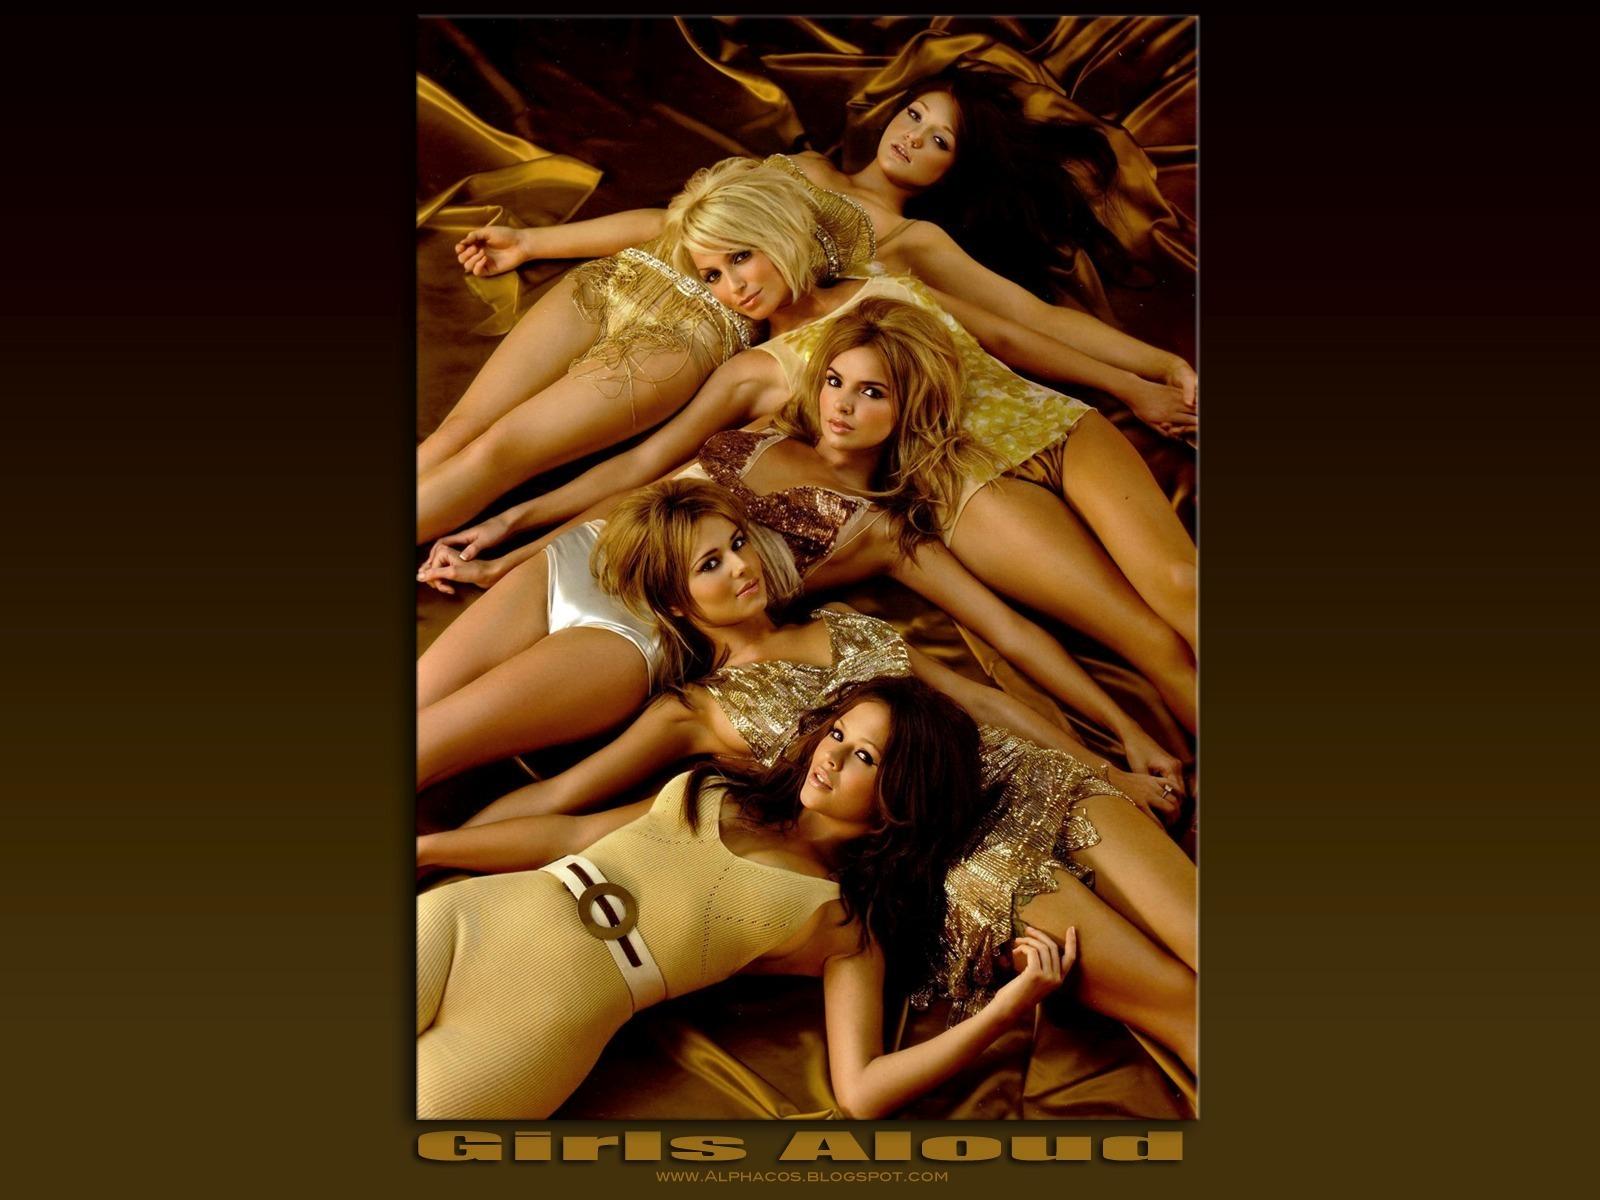 Girls Aloud - Wallpaper Gallery